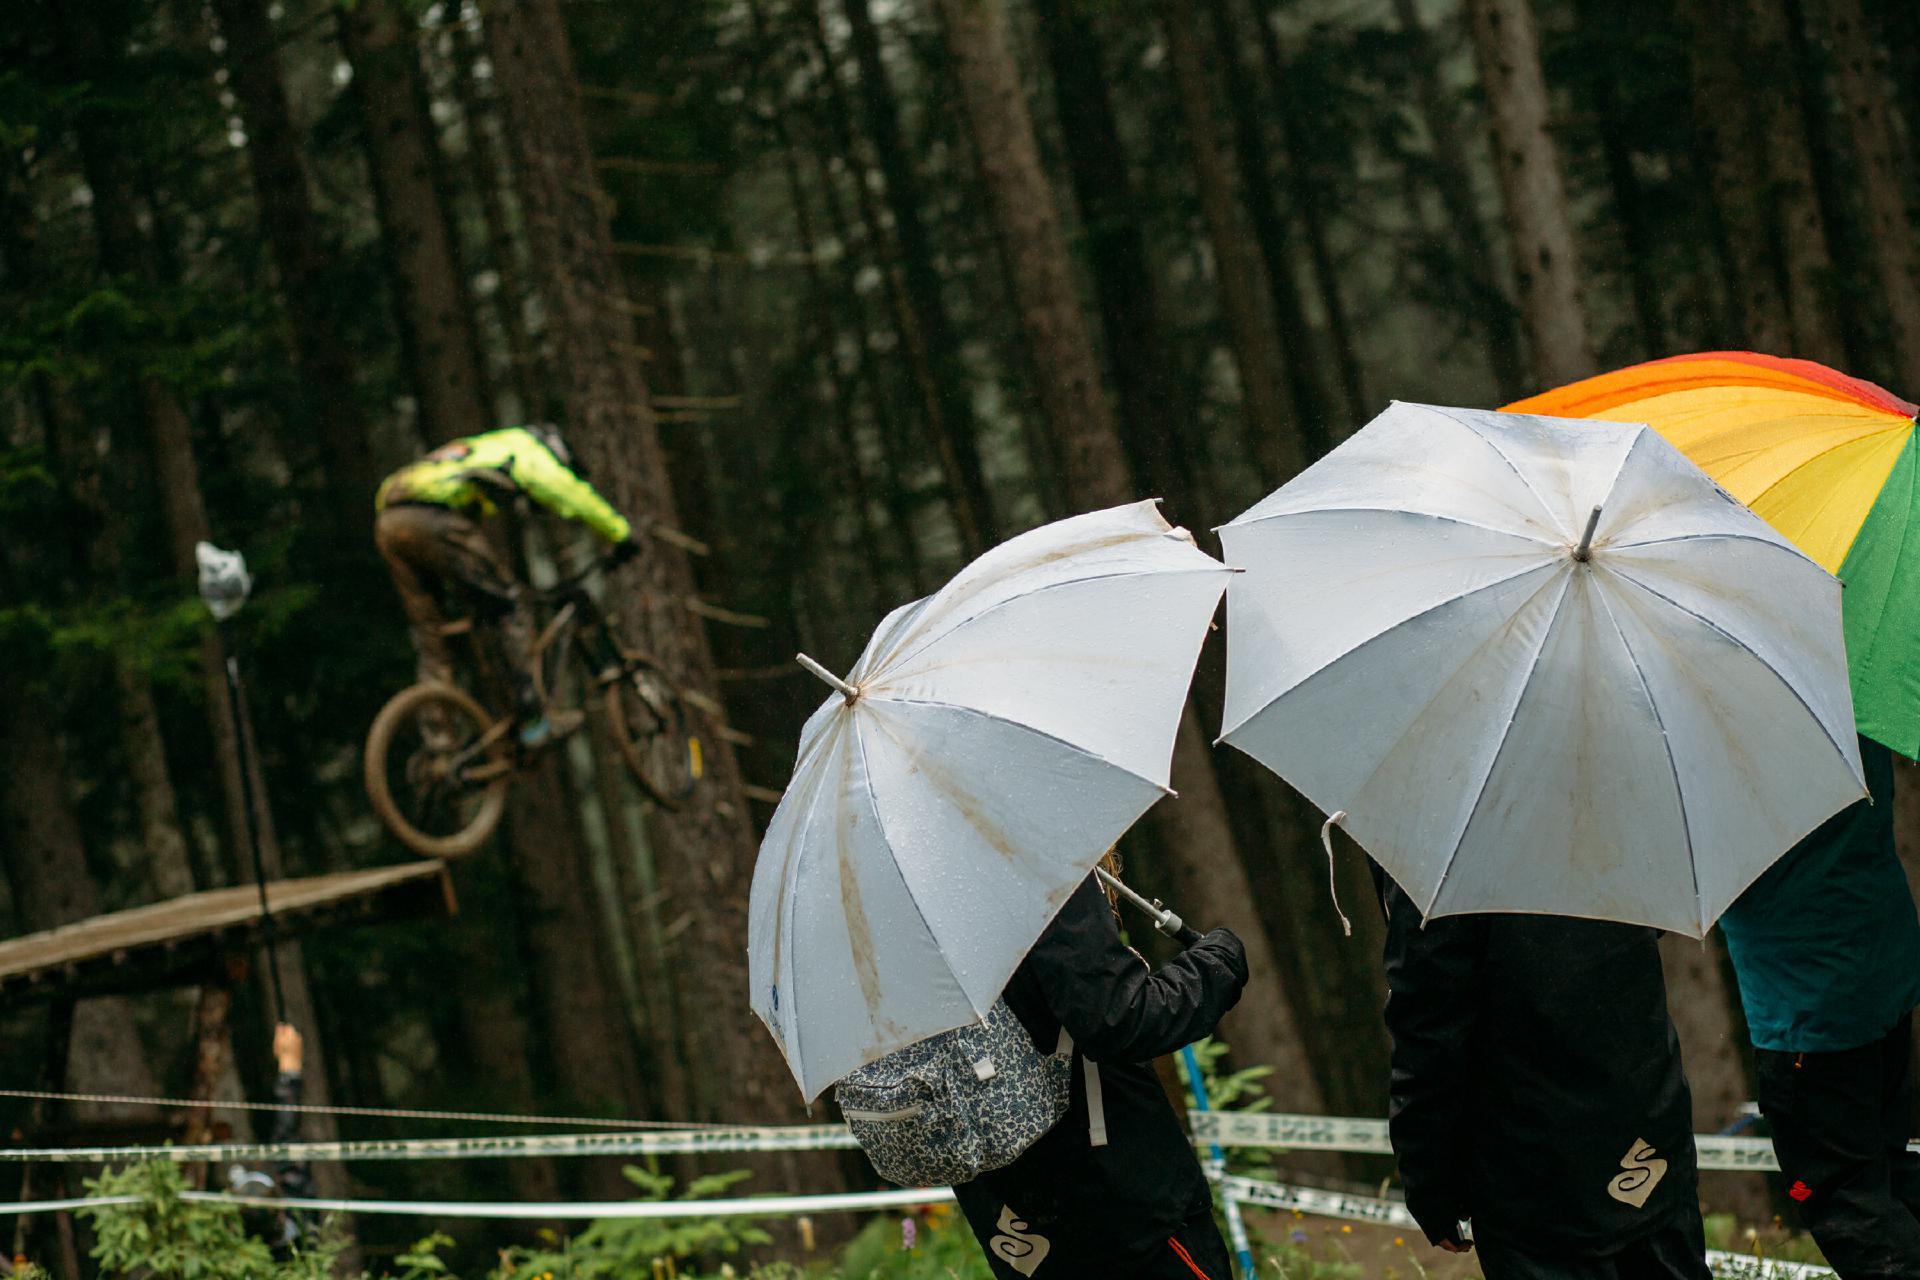 Sowohl für die Rider als auch für die Zuschauer fand das Rennen unter erschwerten Bedingungen statt.